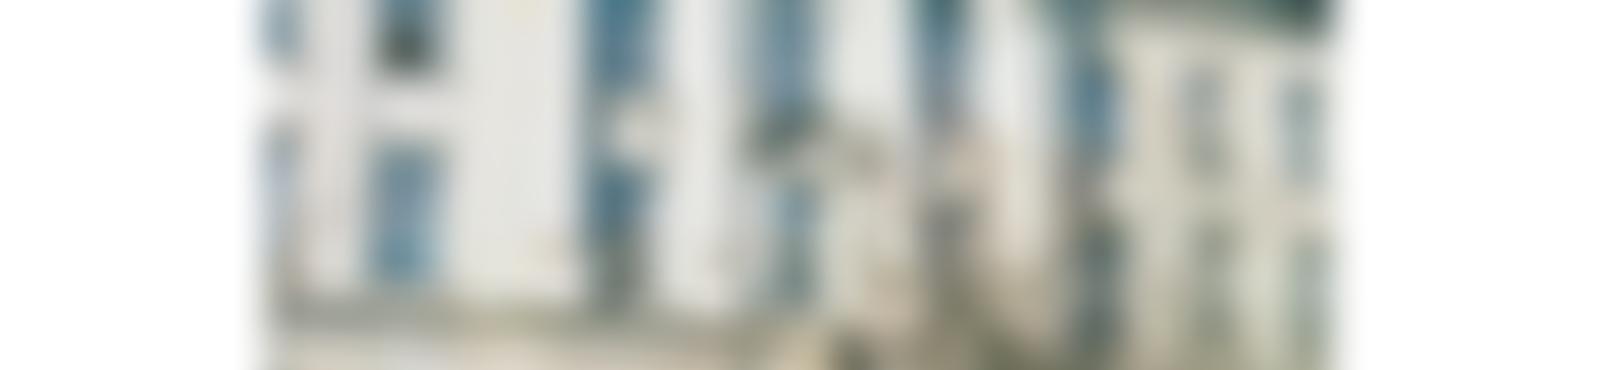 Blurred csm fasanenstr gebaeude fotos hochaufloesend mh  3  e27b9a0b2b